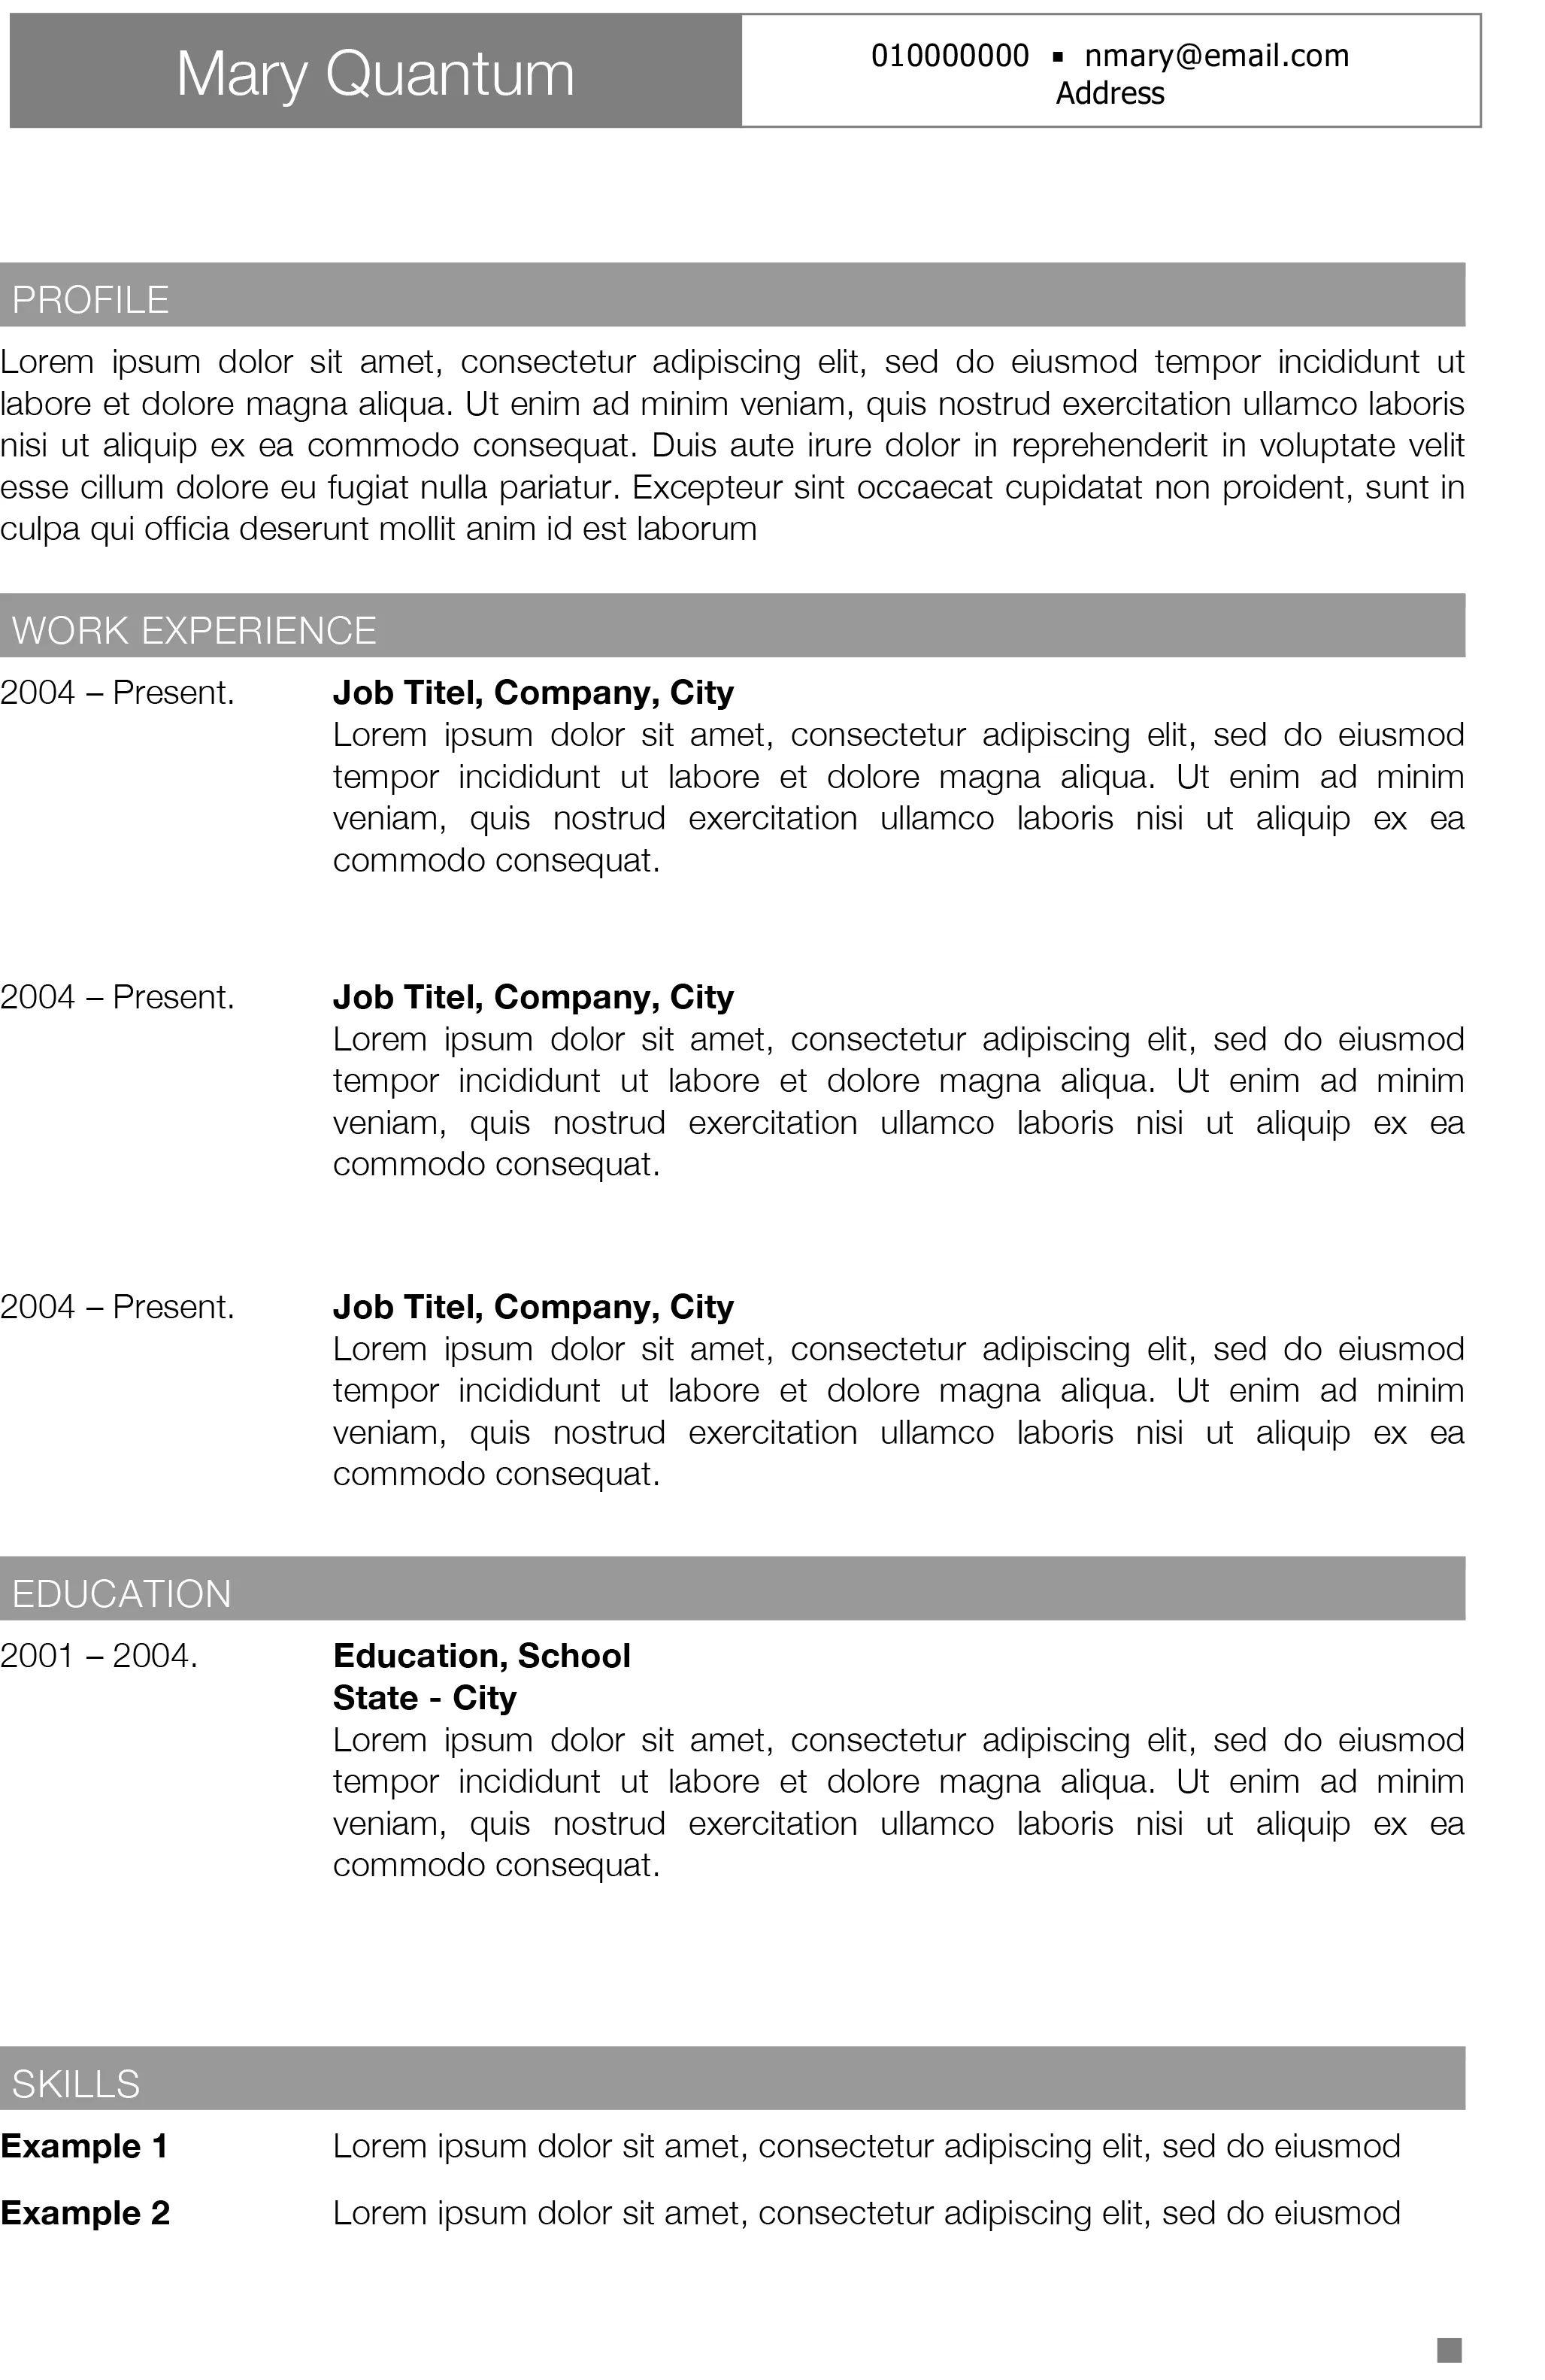 modern easy resume